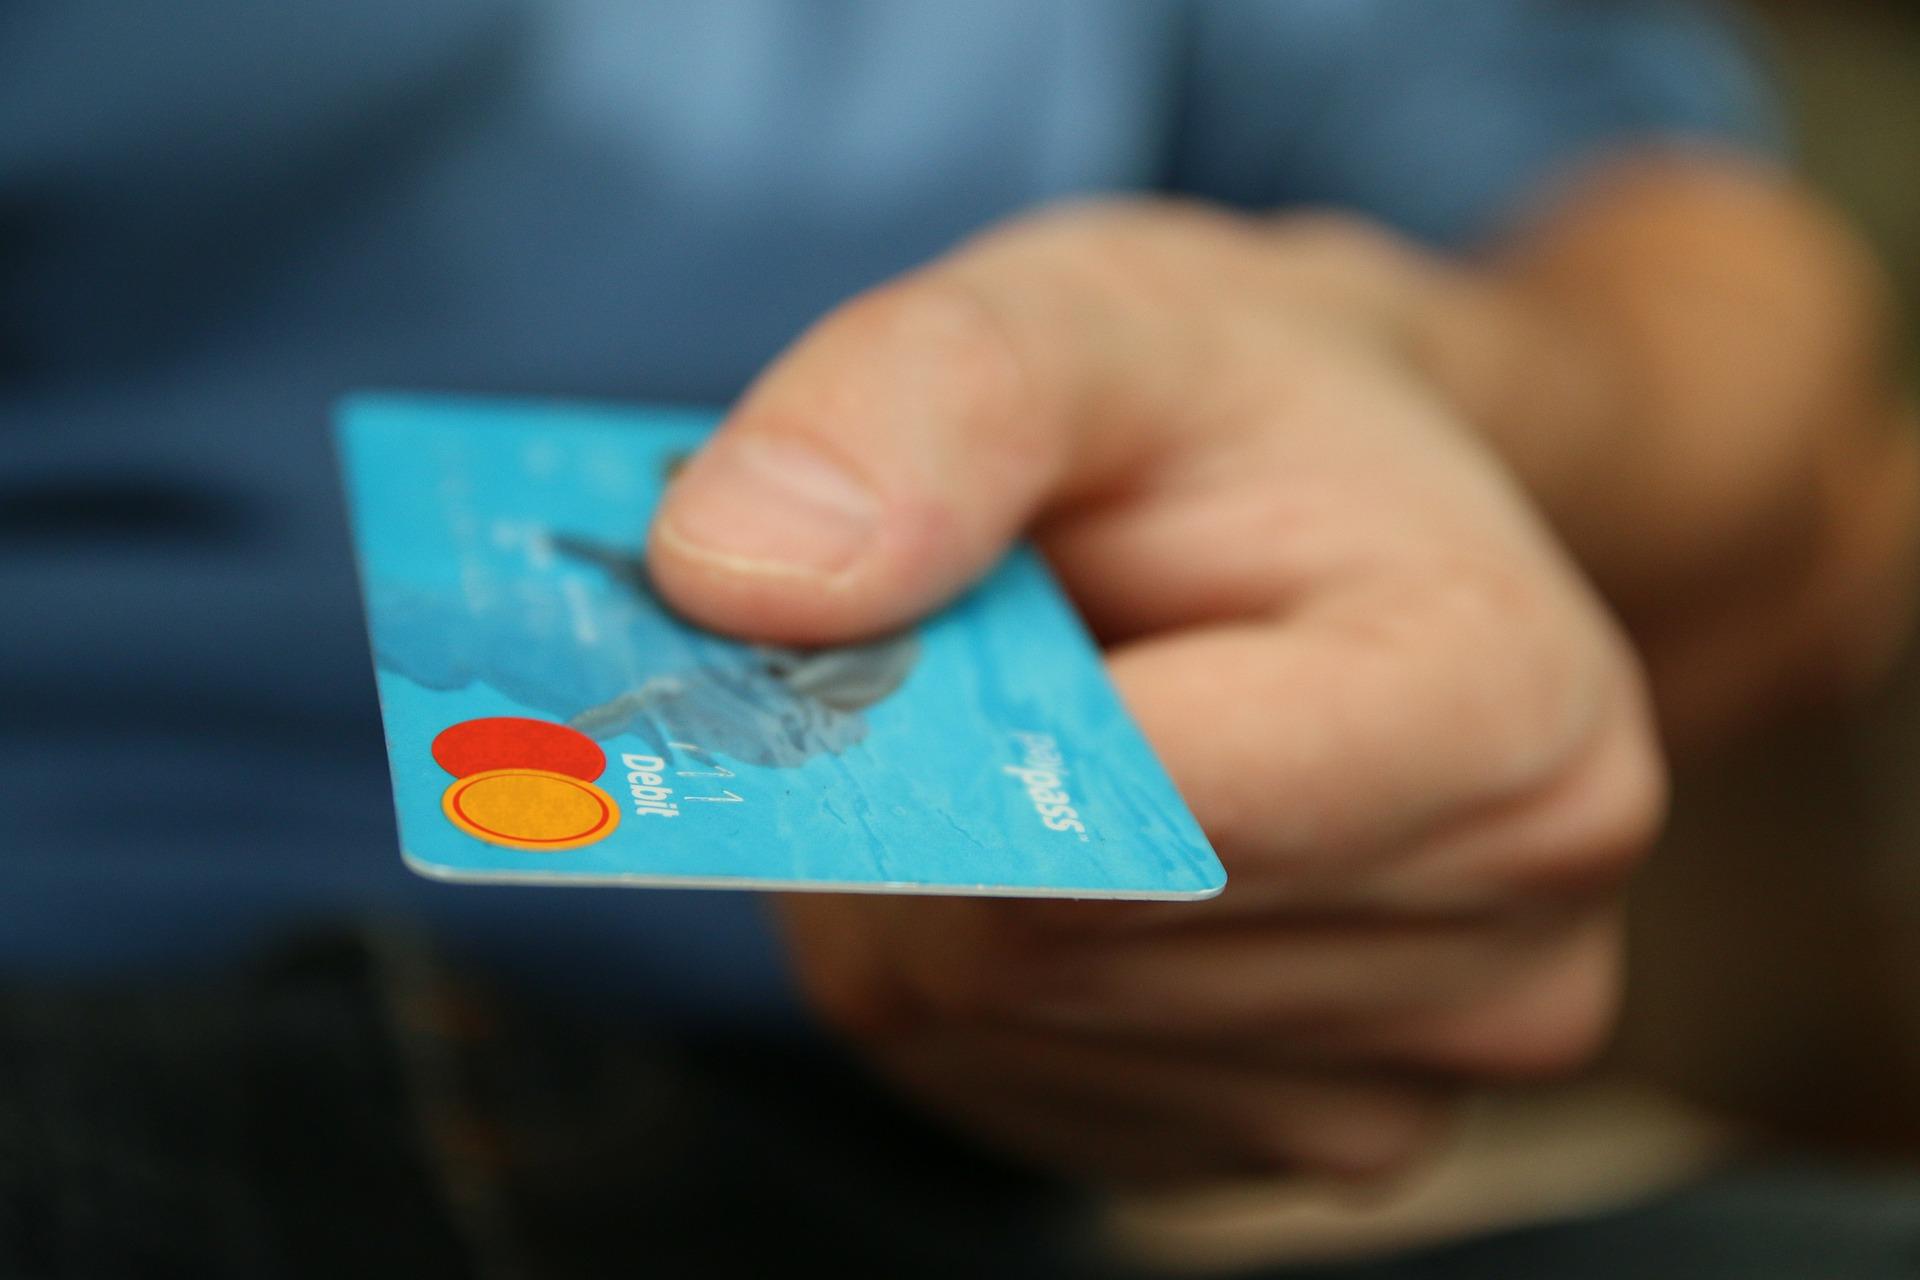 Une plateforme en ligne pour déclarer les fraudes à la carte bancaire